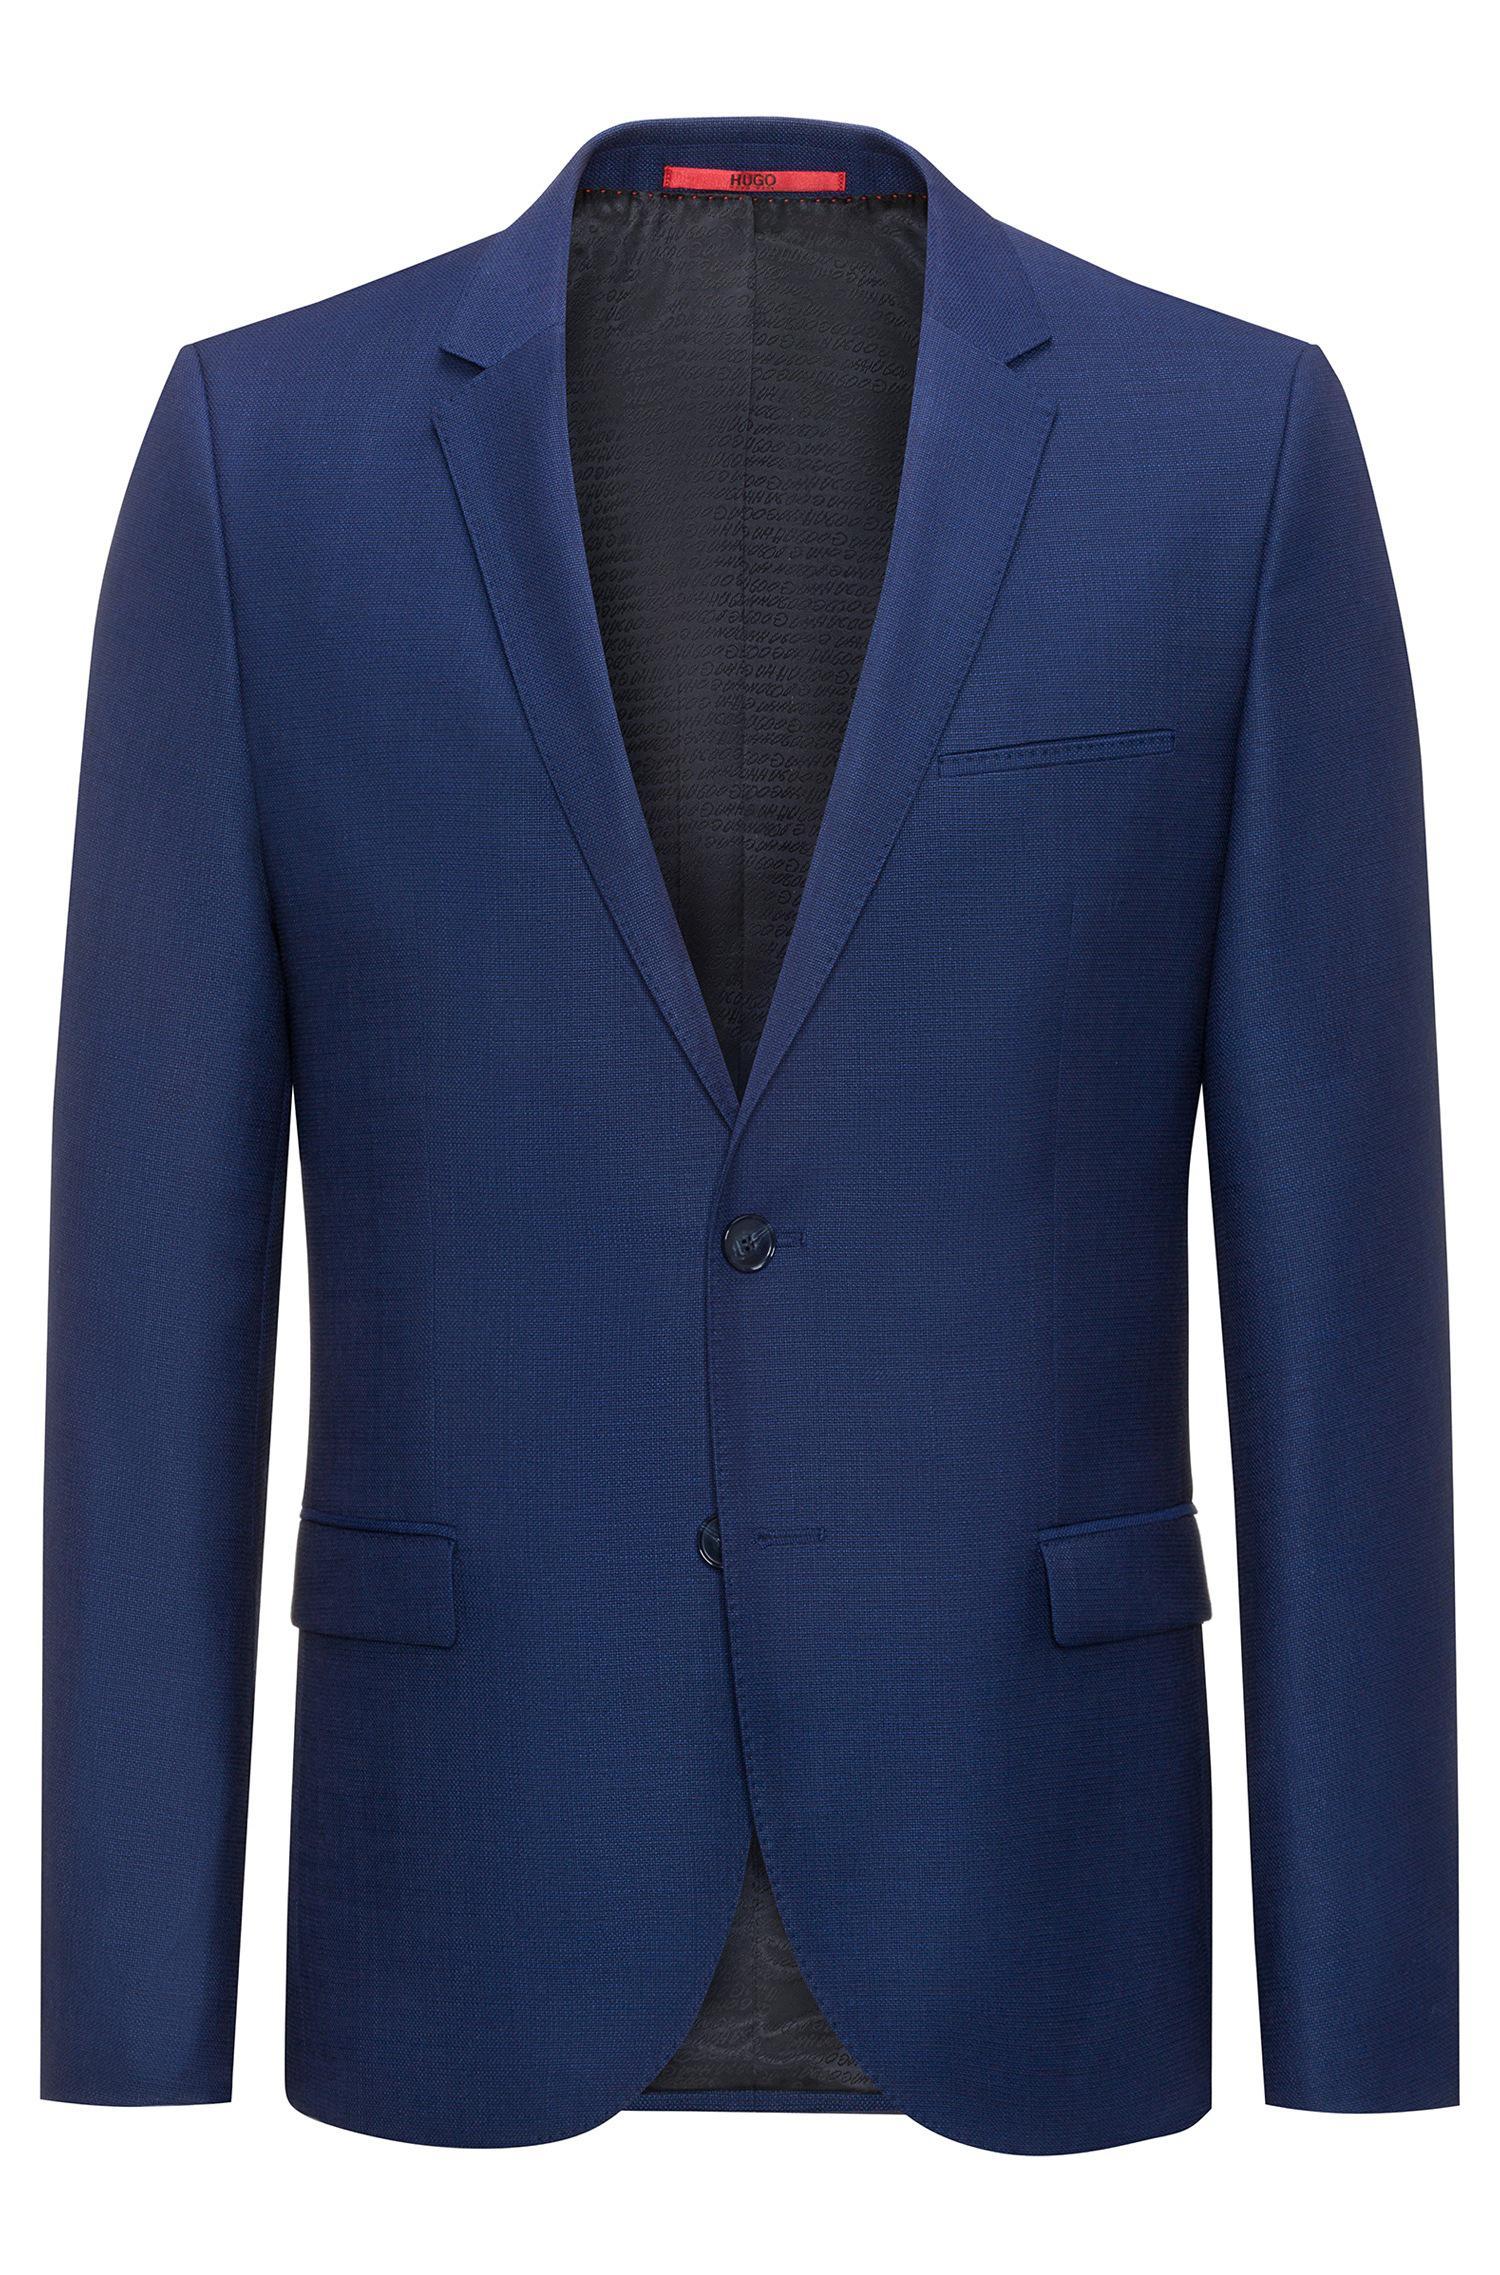 lyst hugo extra slim fit jacket in basket weave wool in blue for men. Black Bedroom Furniture Sets. Home Design Ideas